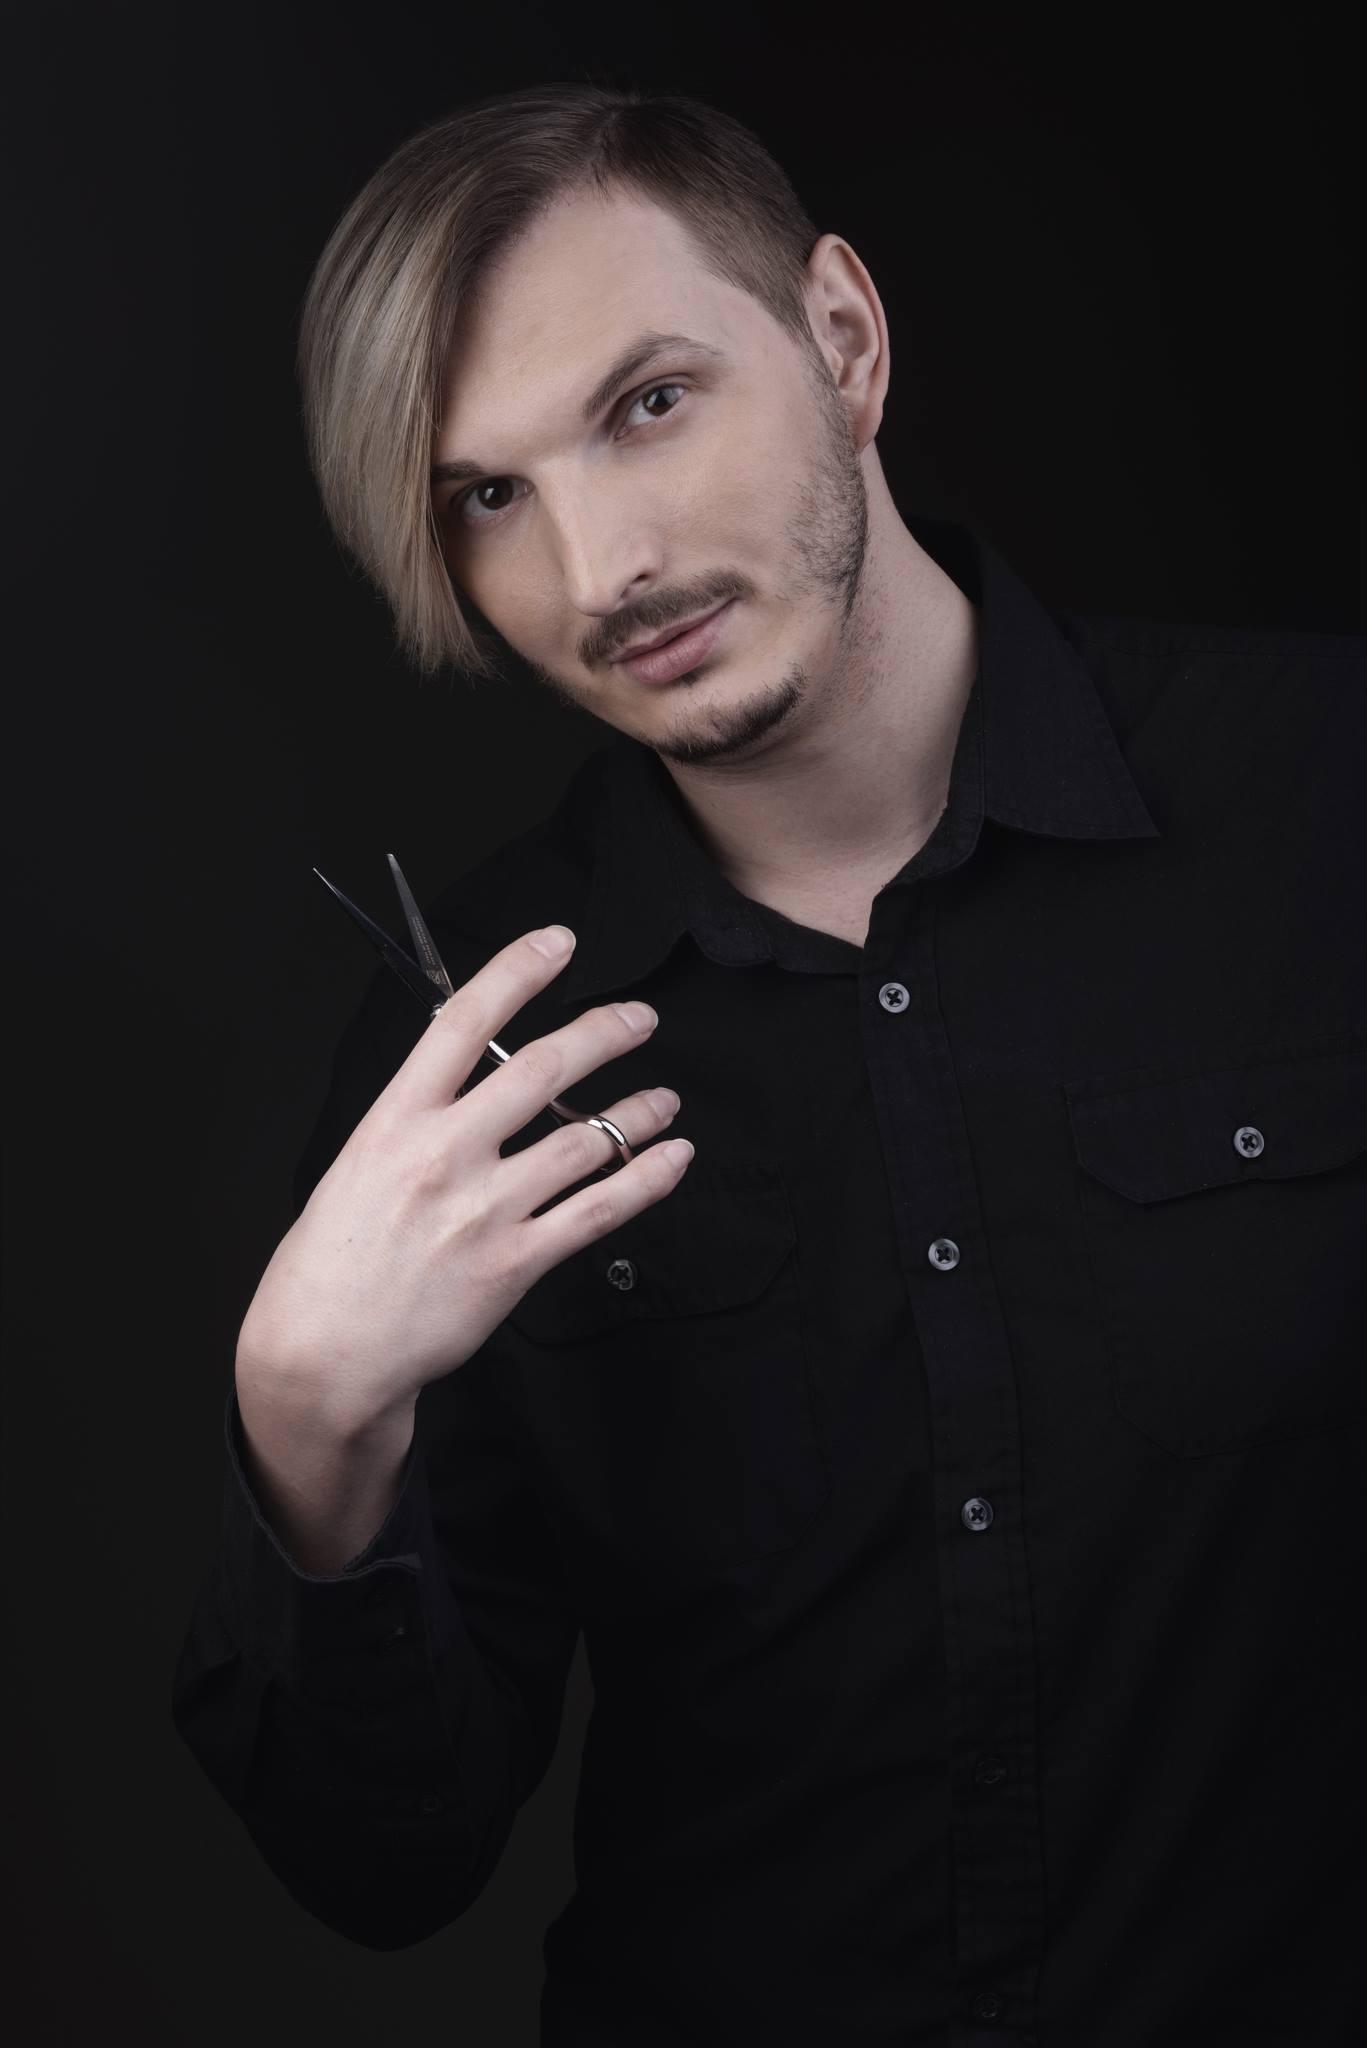 MARTIN ZIFCAK Hair Studio Belgravia